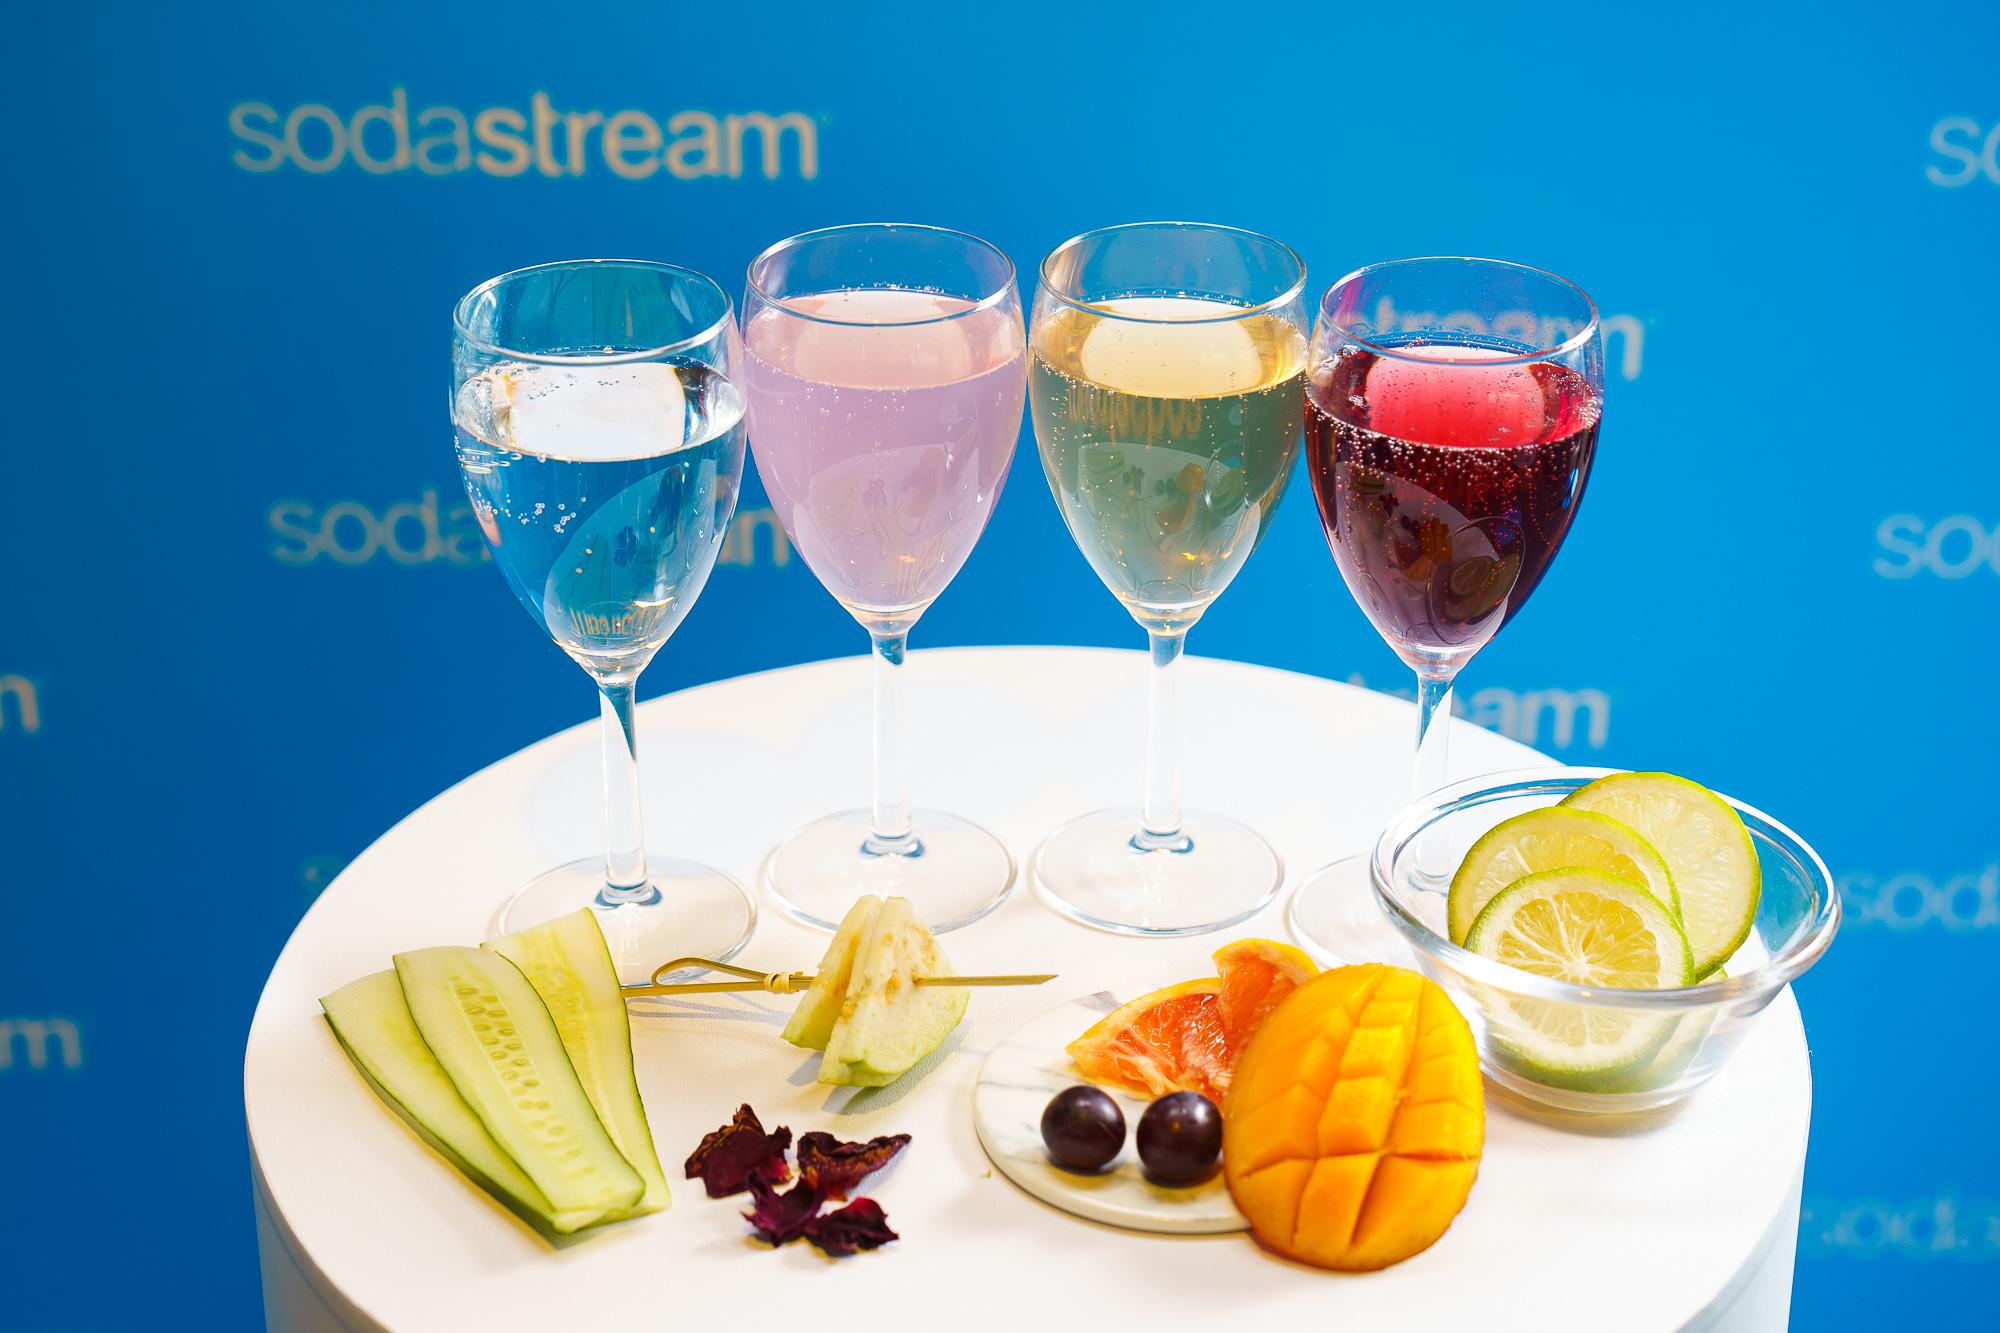 sodastream令人驚豔的氣泡水口感,現場特別準備了派對限定特調,邀請消費者選擇自己最對味的飲品和氣泡濃度,sodastream邀你恣意享受你的專屬特調!